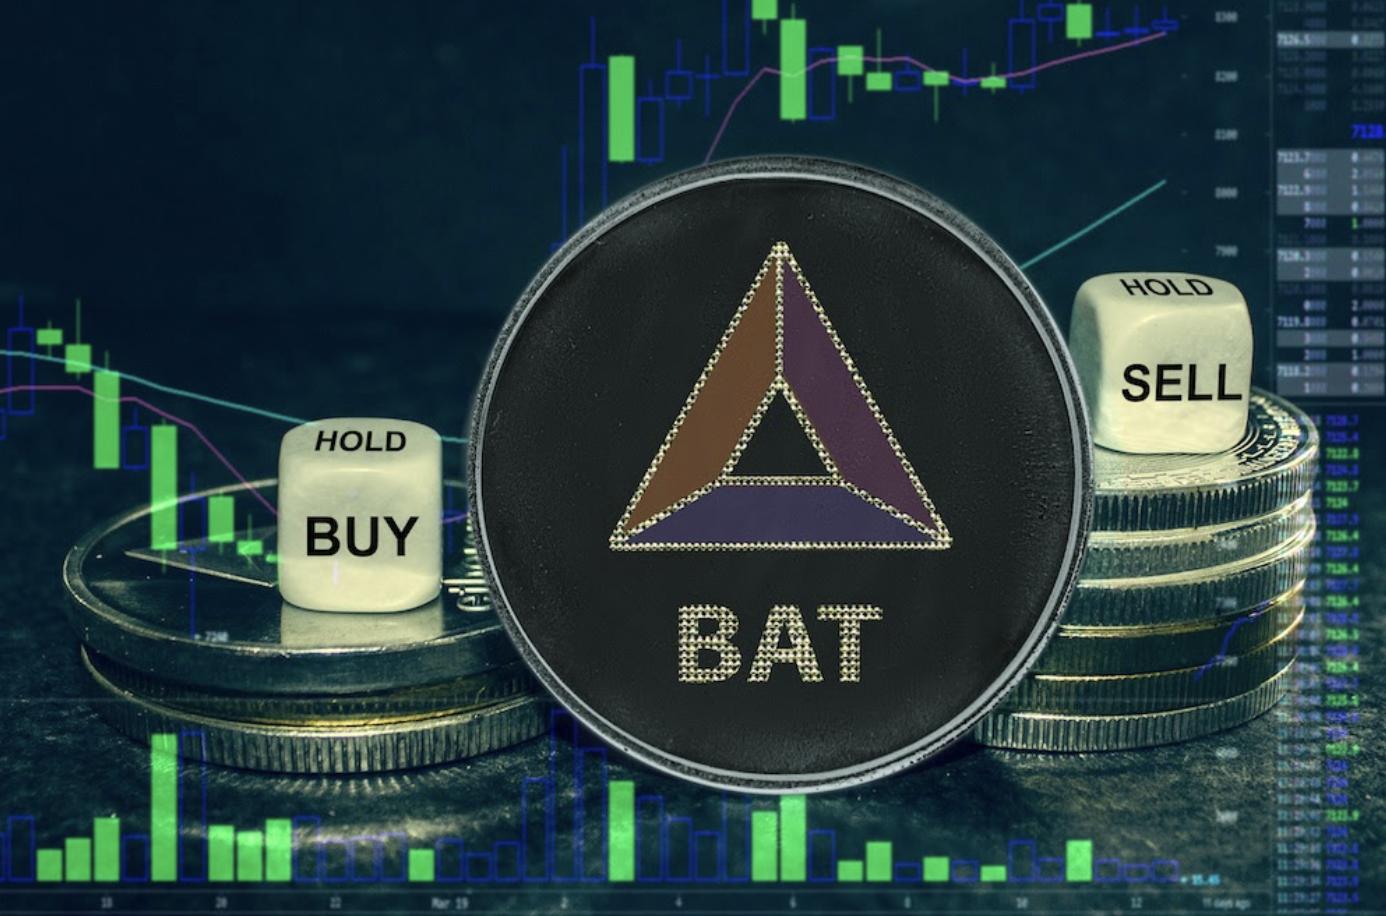 仮想通貨BAT(ベーシックアテンショントークン)とは?特徴や今後の将来性、購入方法を解説!